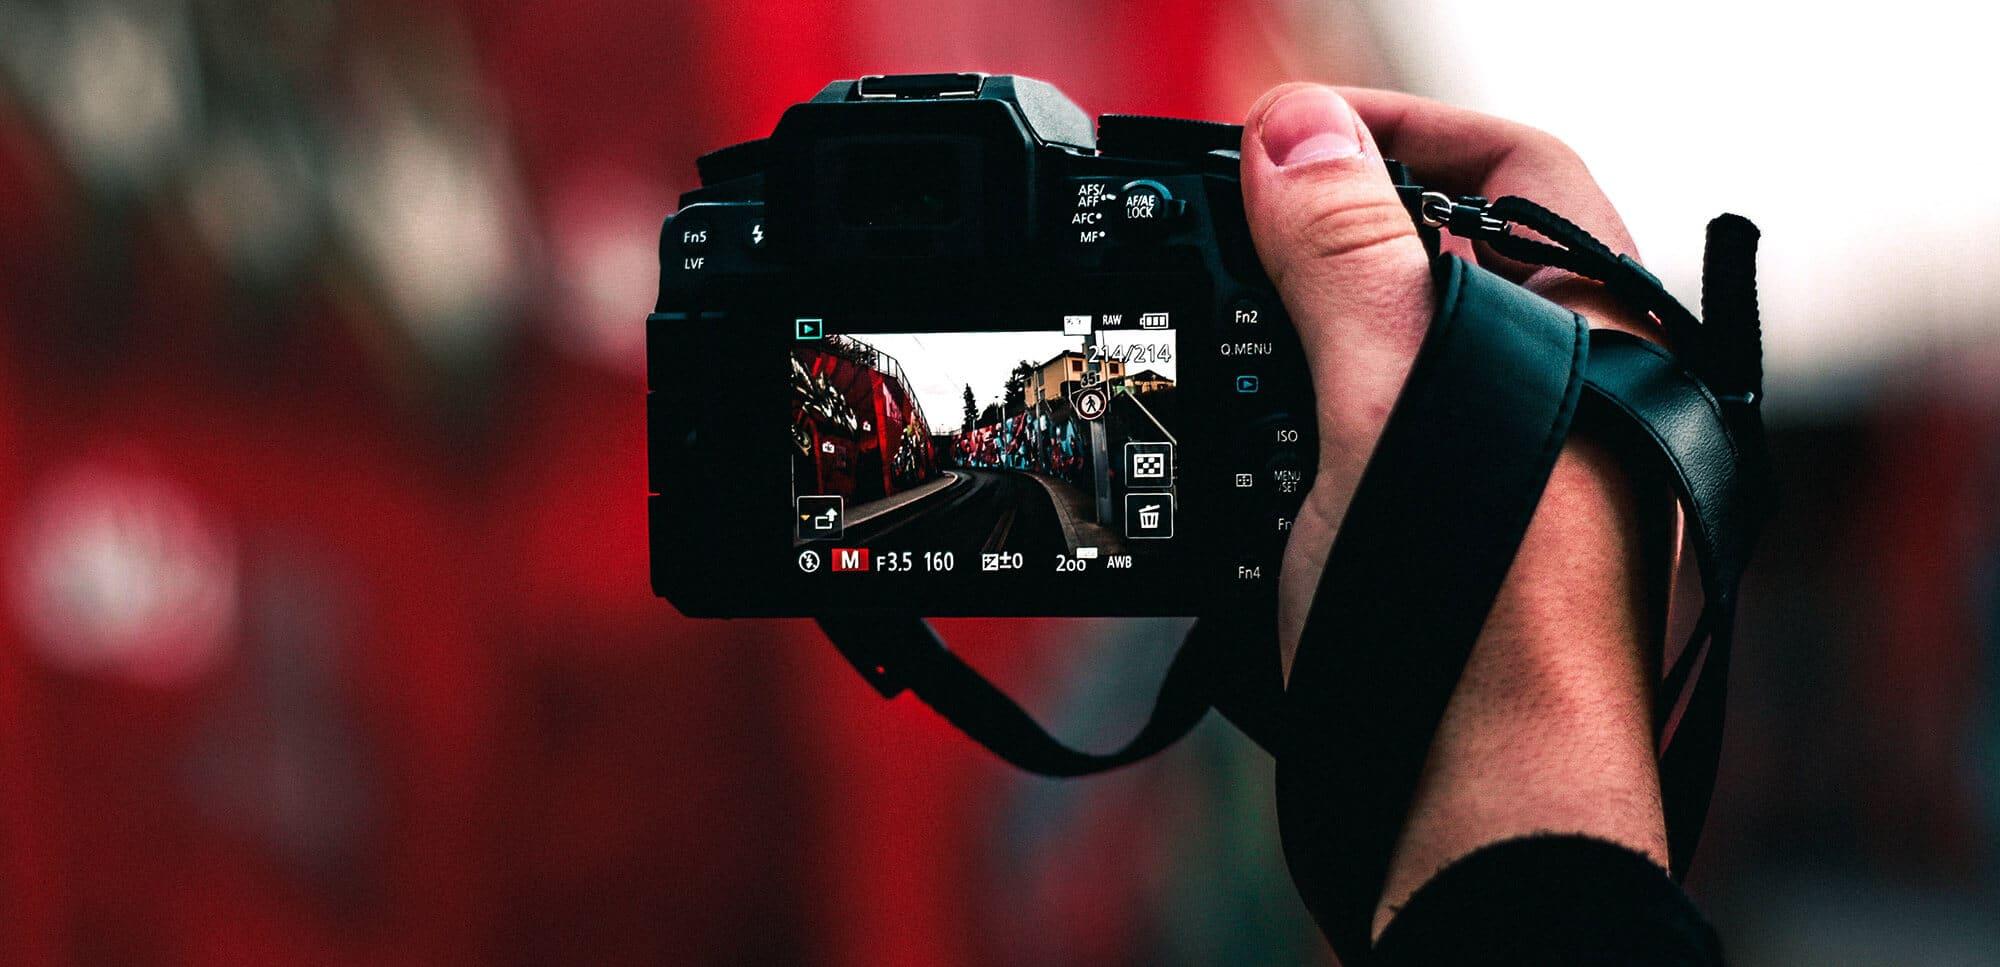 Batería de una cámara fotográfica